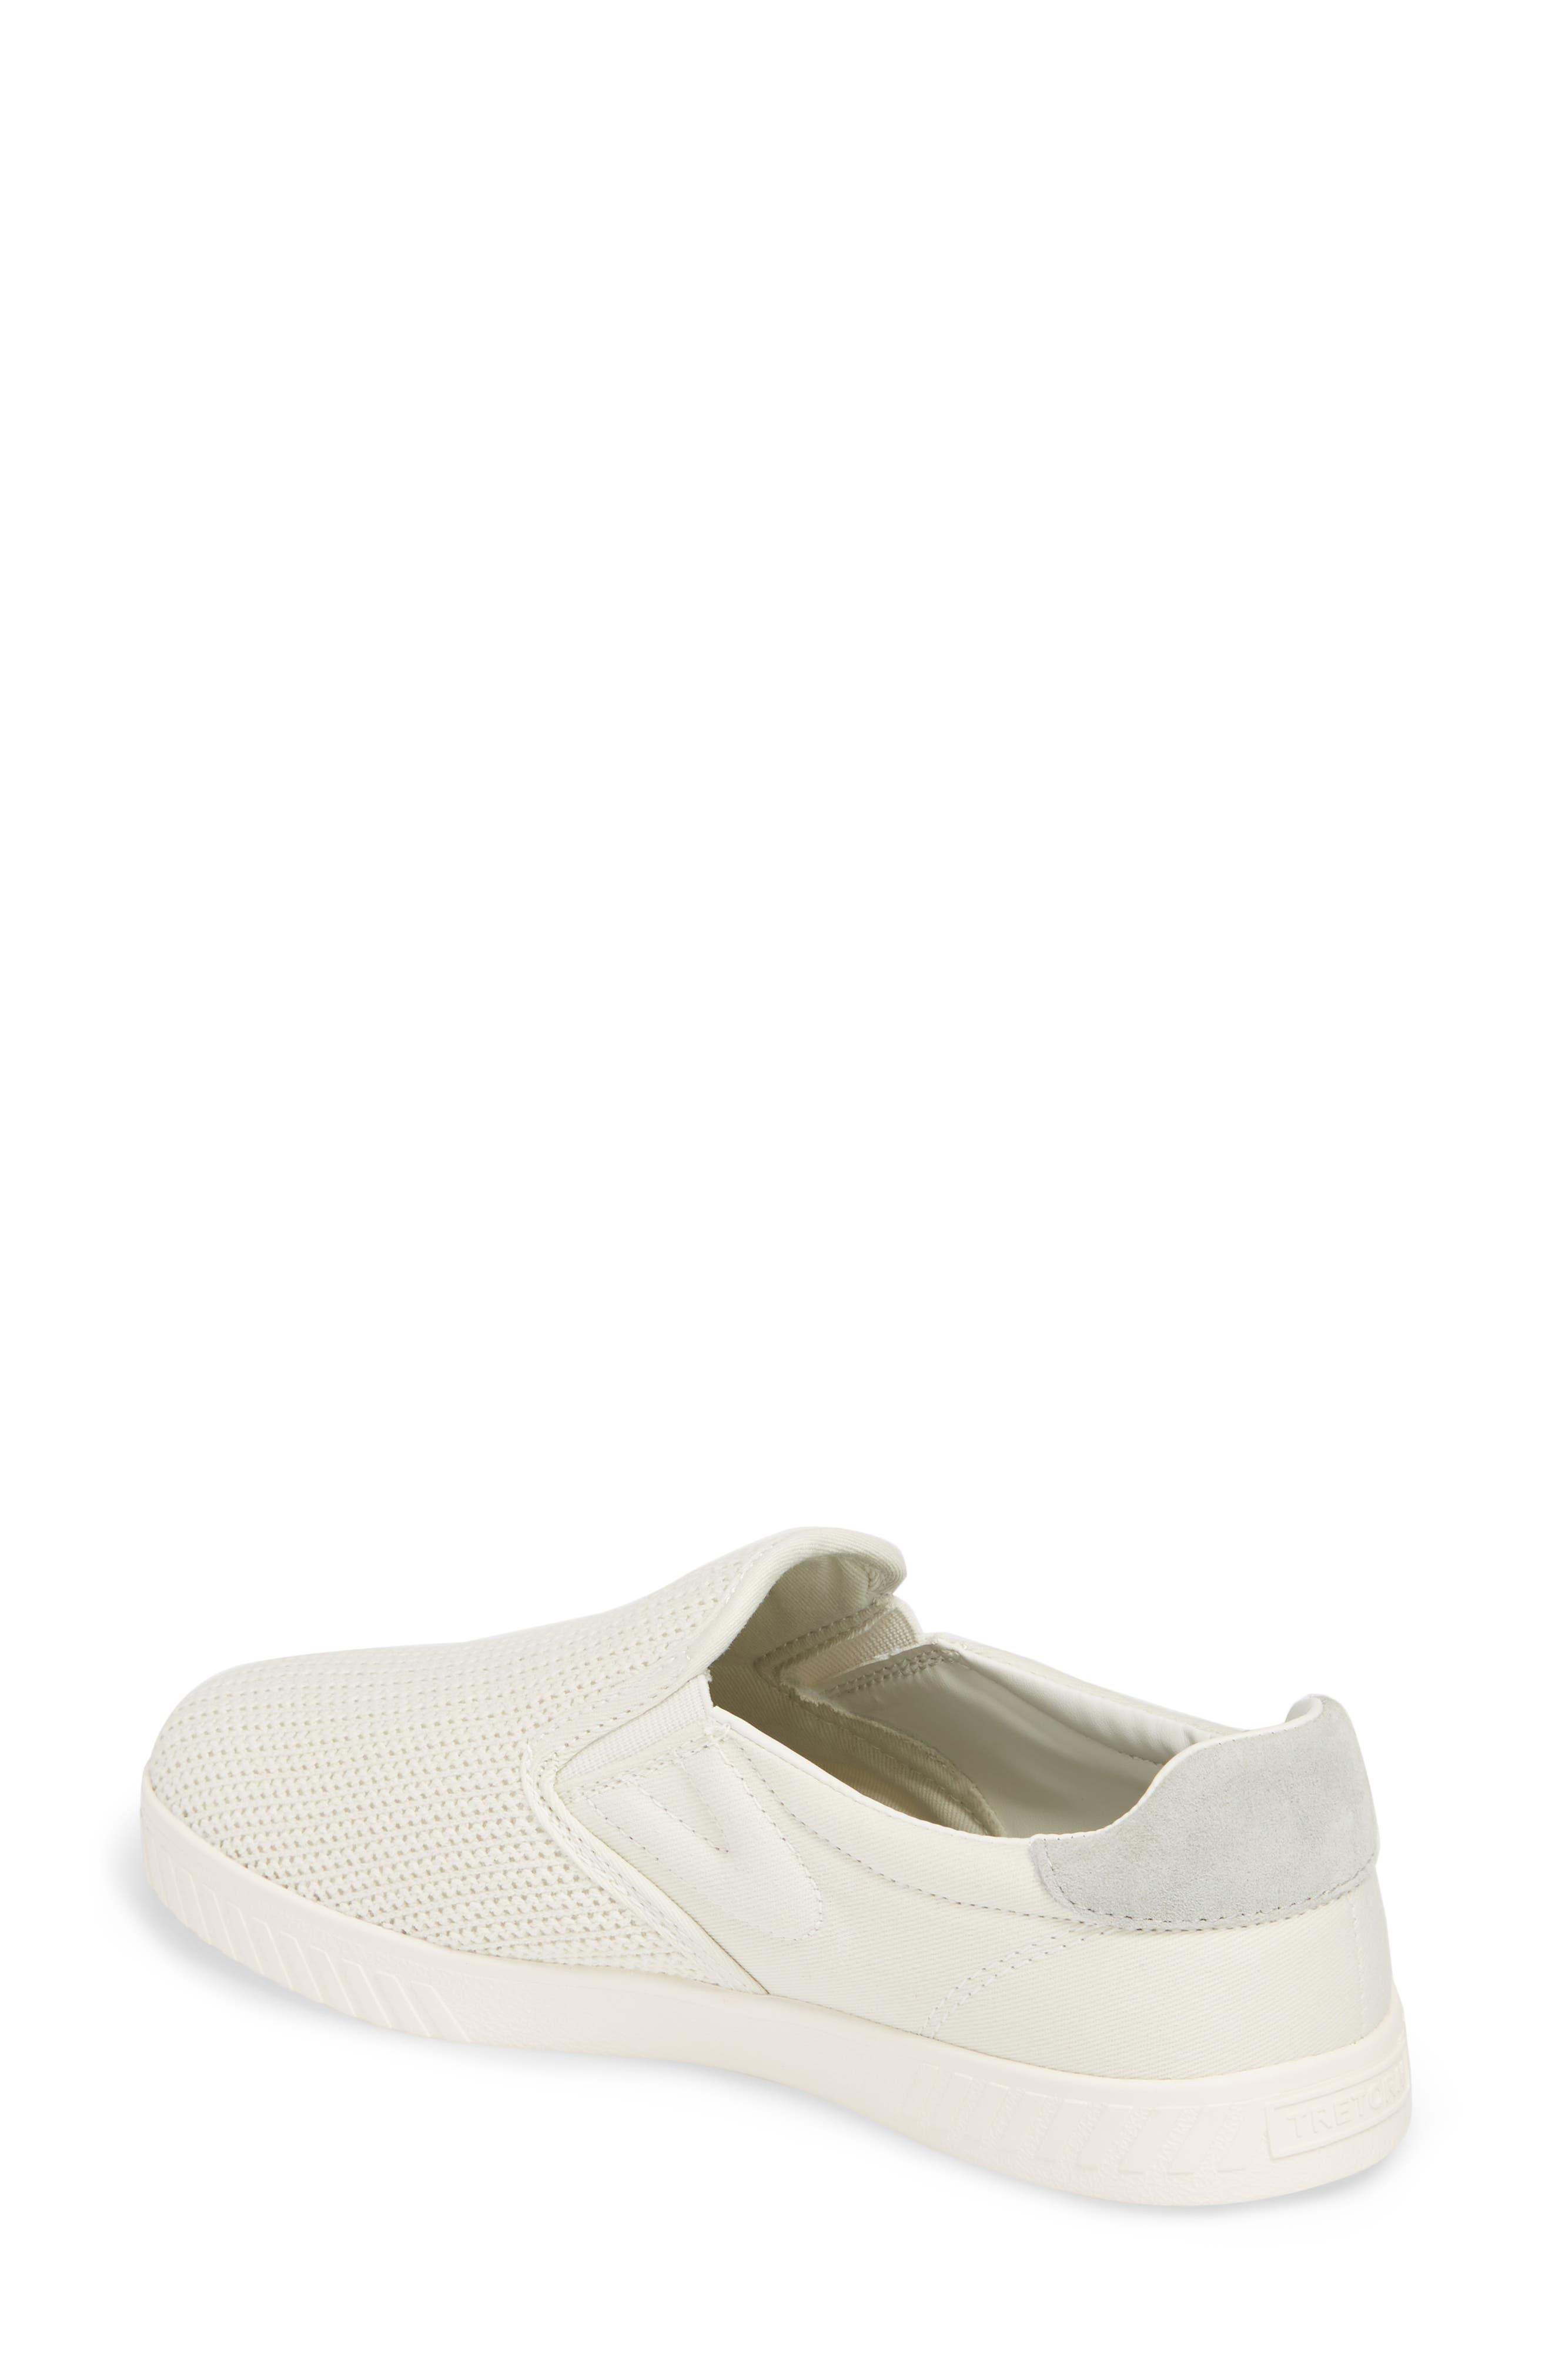 Cruz Mesh Slip-On Sneaker,                             Alternate thumbnail 2, color,                             Vintage White